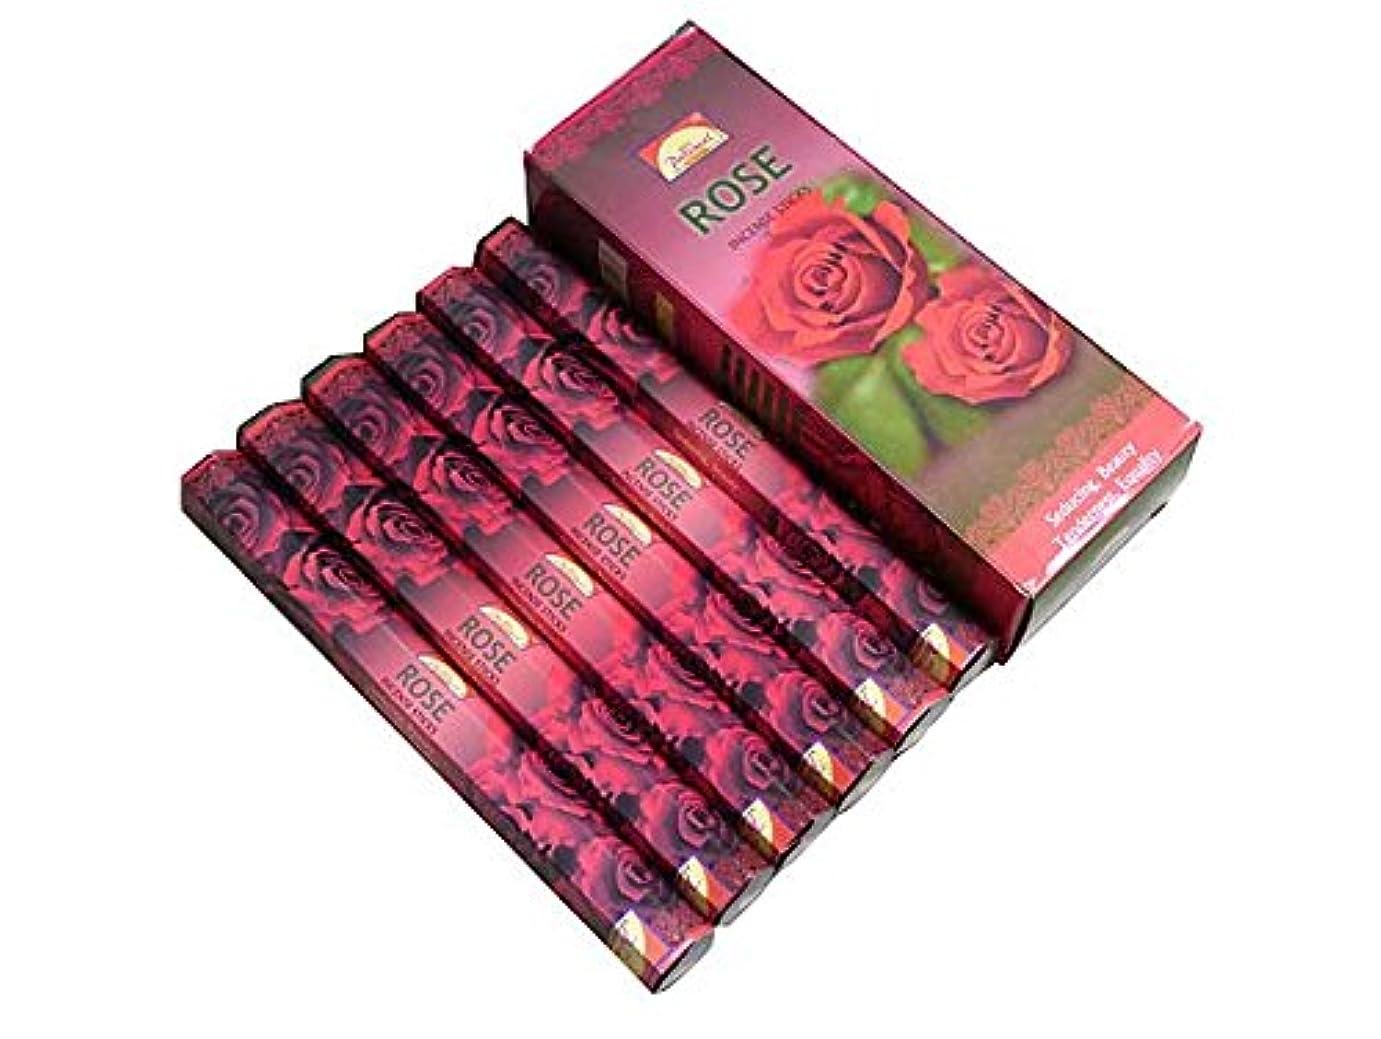 イブアライアンス人工的なPARIMAL(パリマル) ローズ香 スティック ROSE 6箱セット